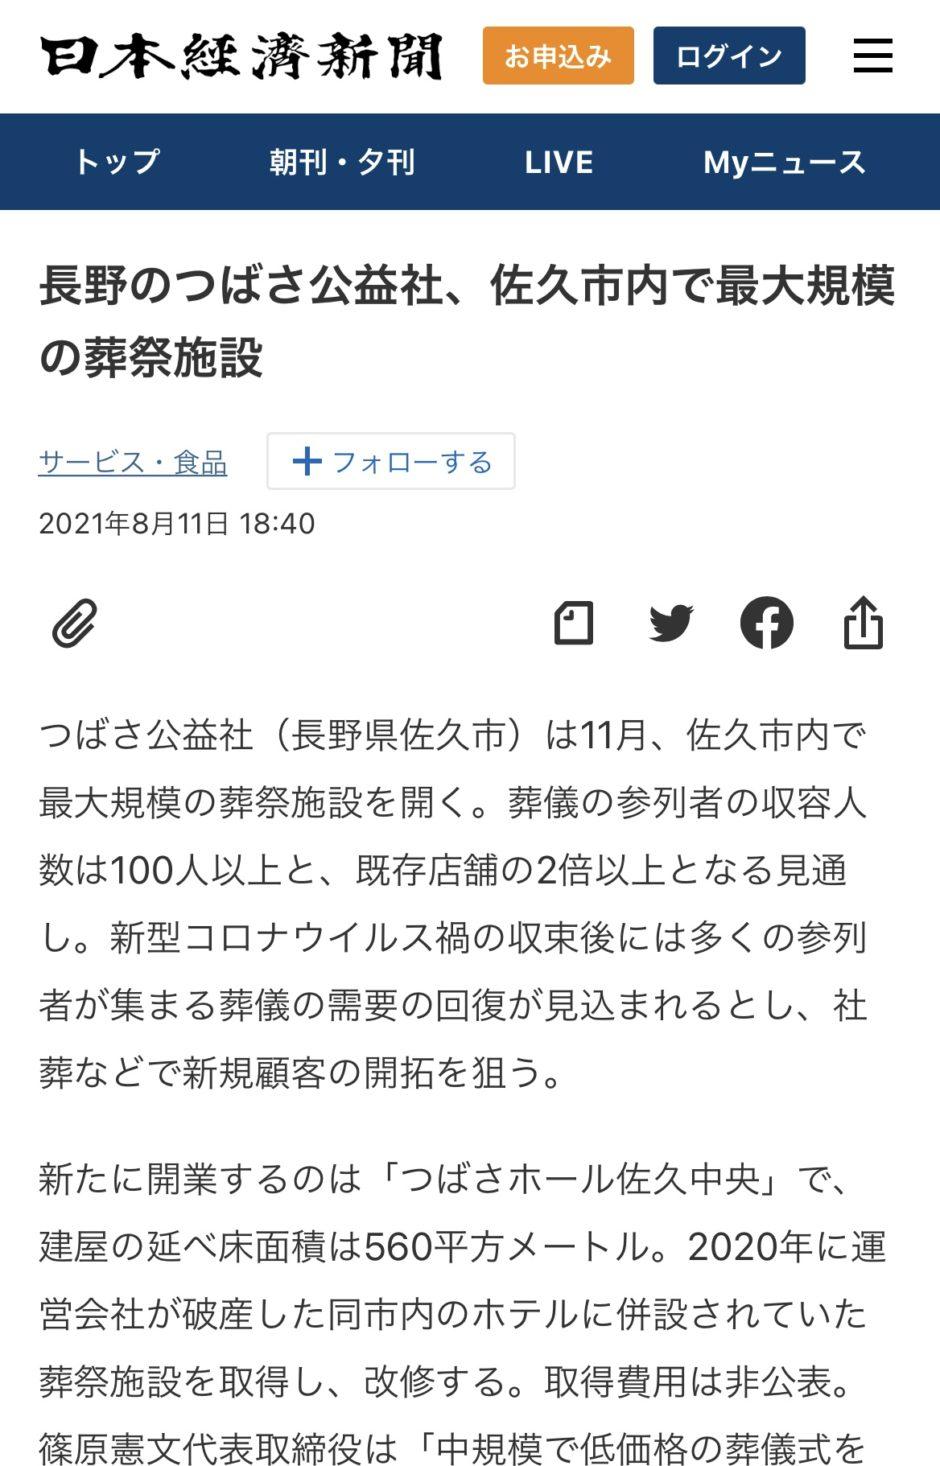 佐久市内で最大規模の葬儀場開設_つばさ公益社_つばさホール日本経済新聞